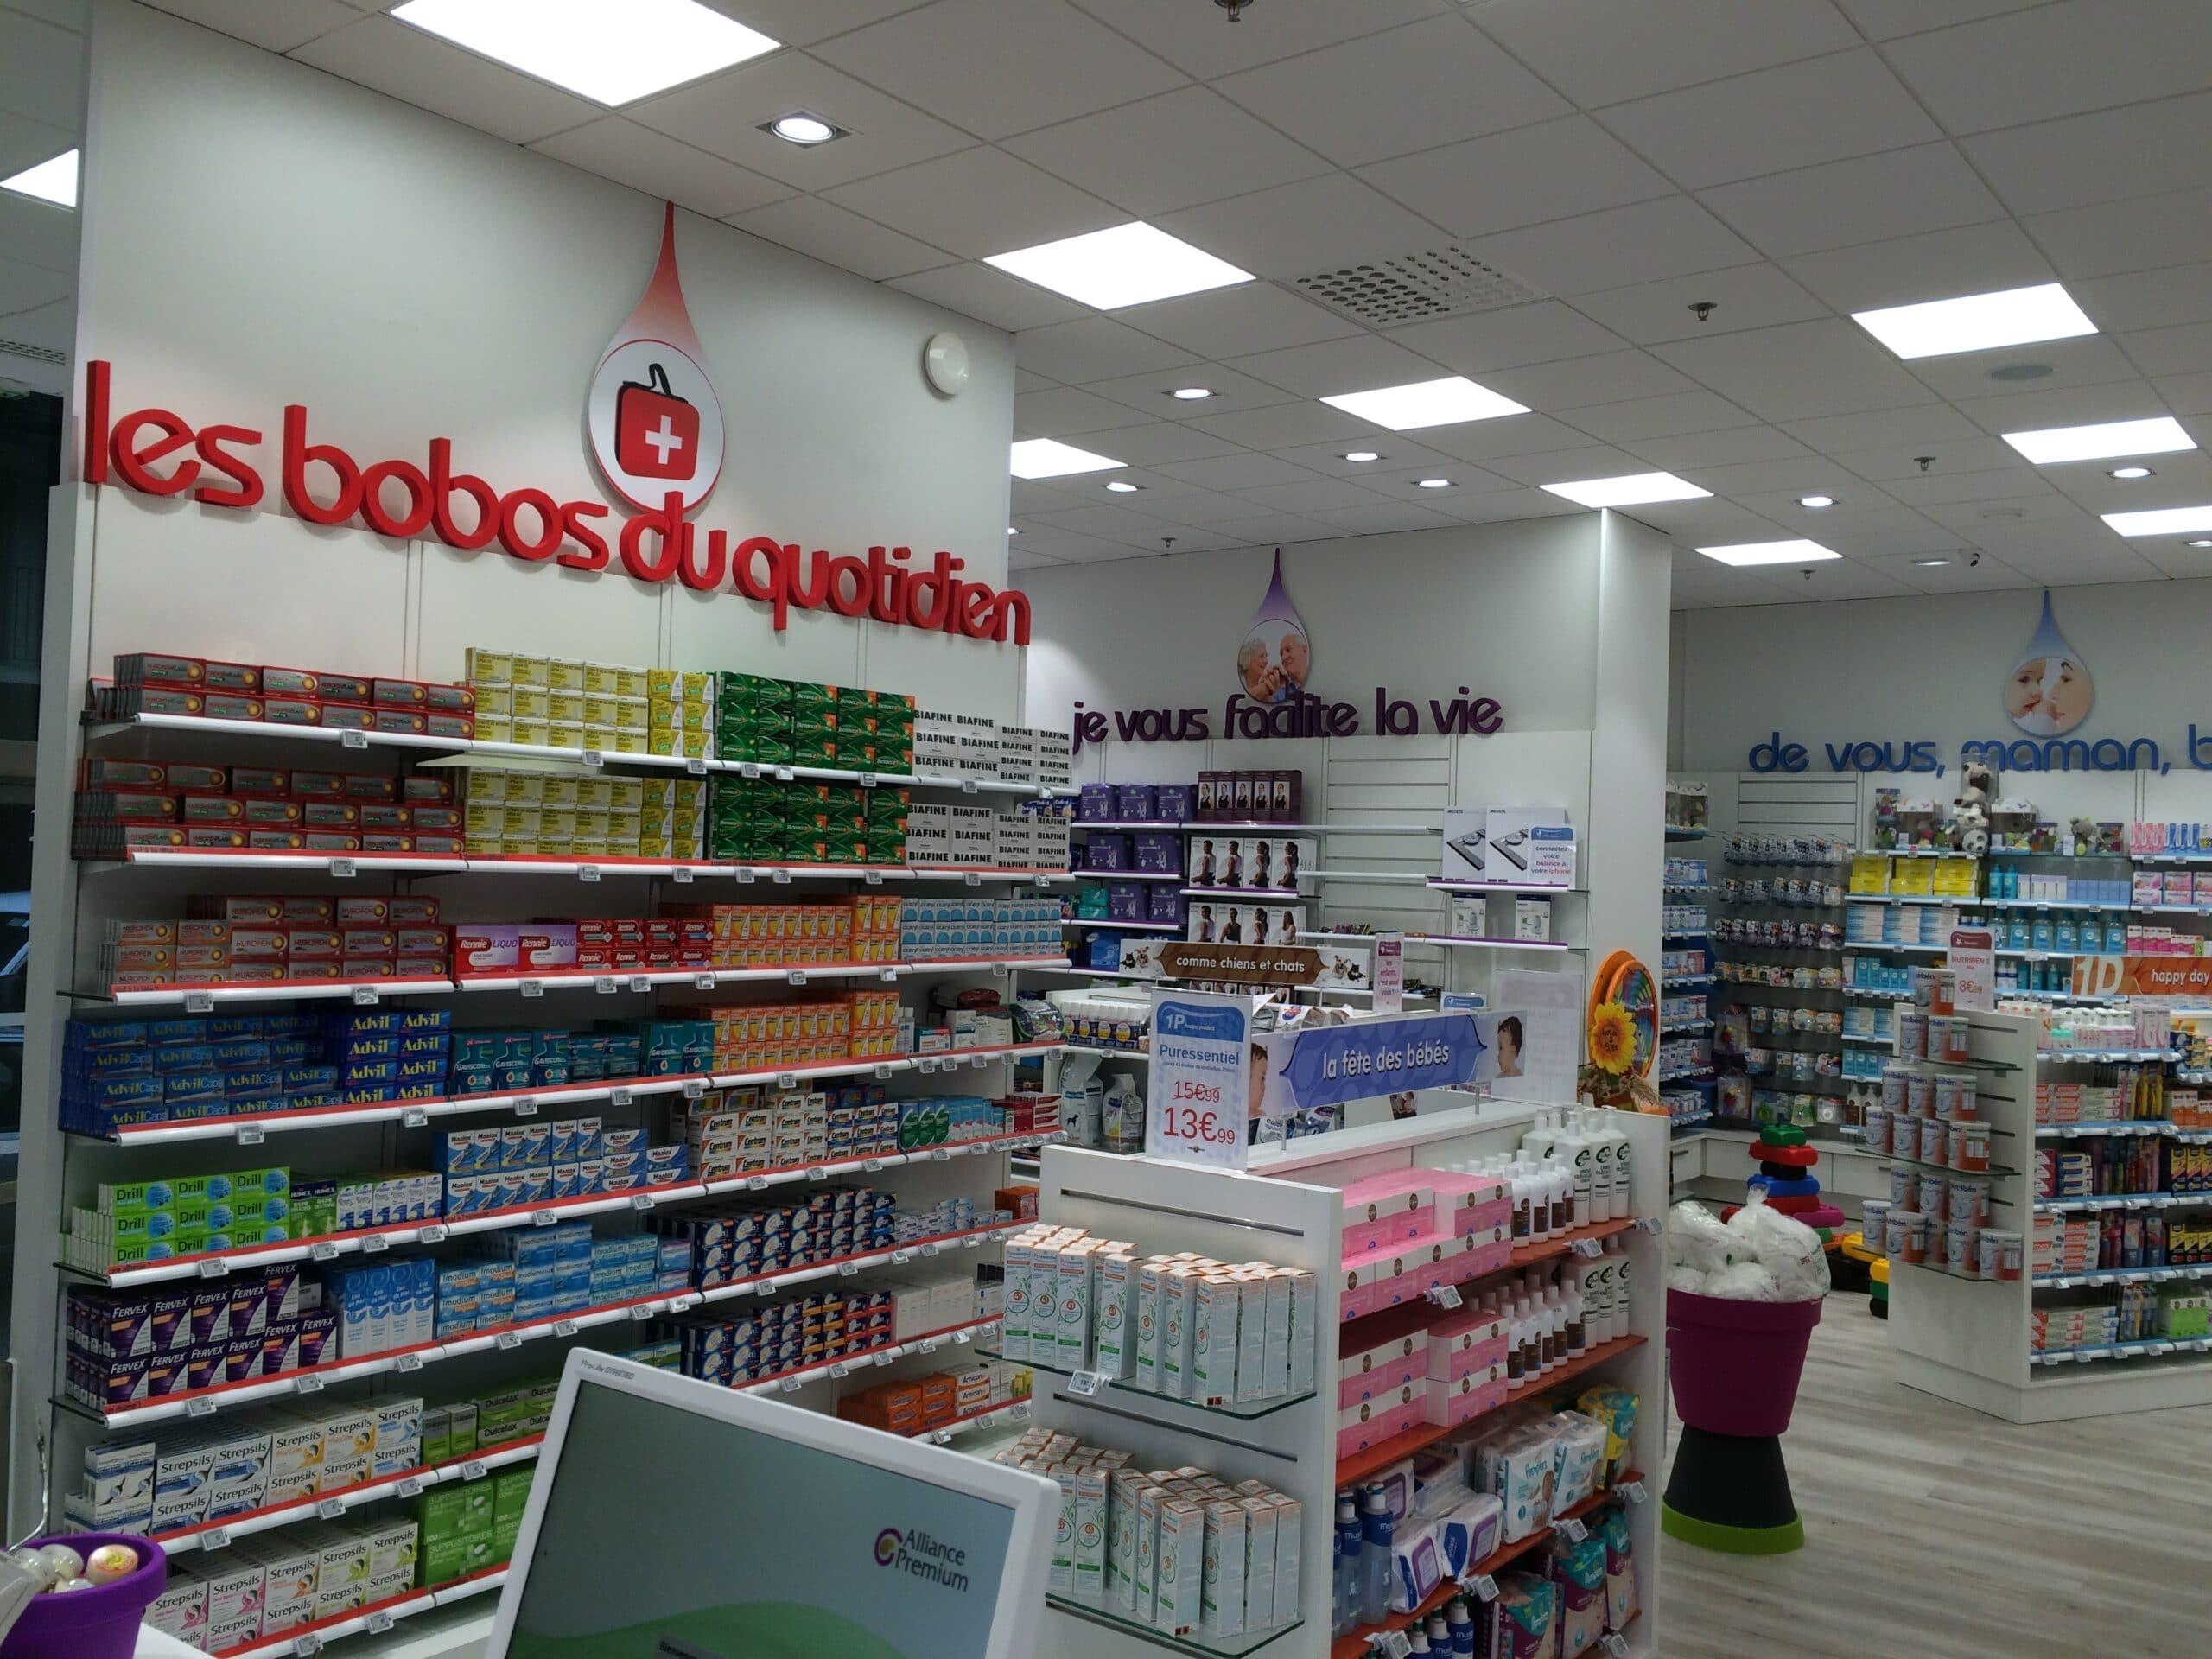 lettres pvc intérieur pharmacie signalétique enseigniste Toulouse enseigne led pharmacie